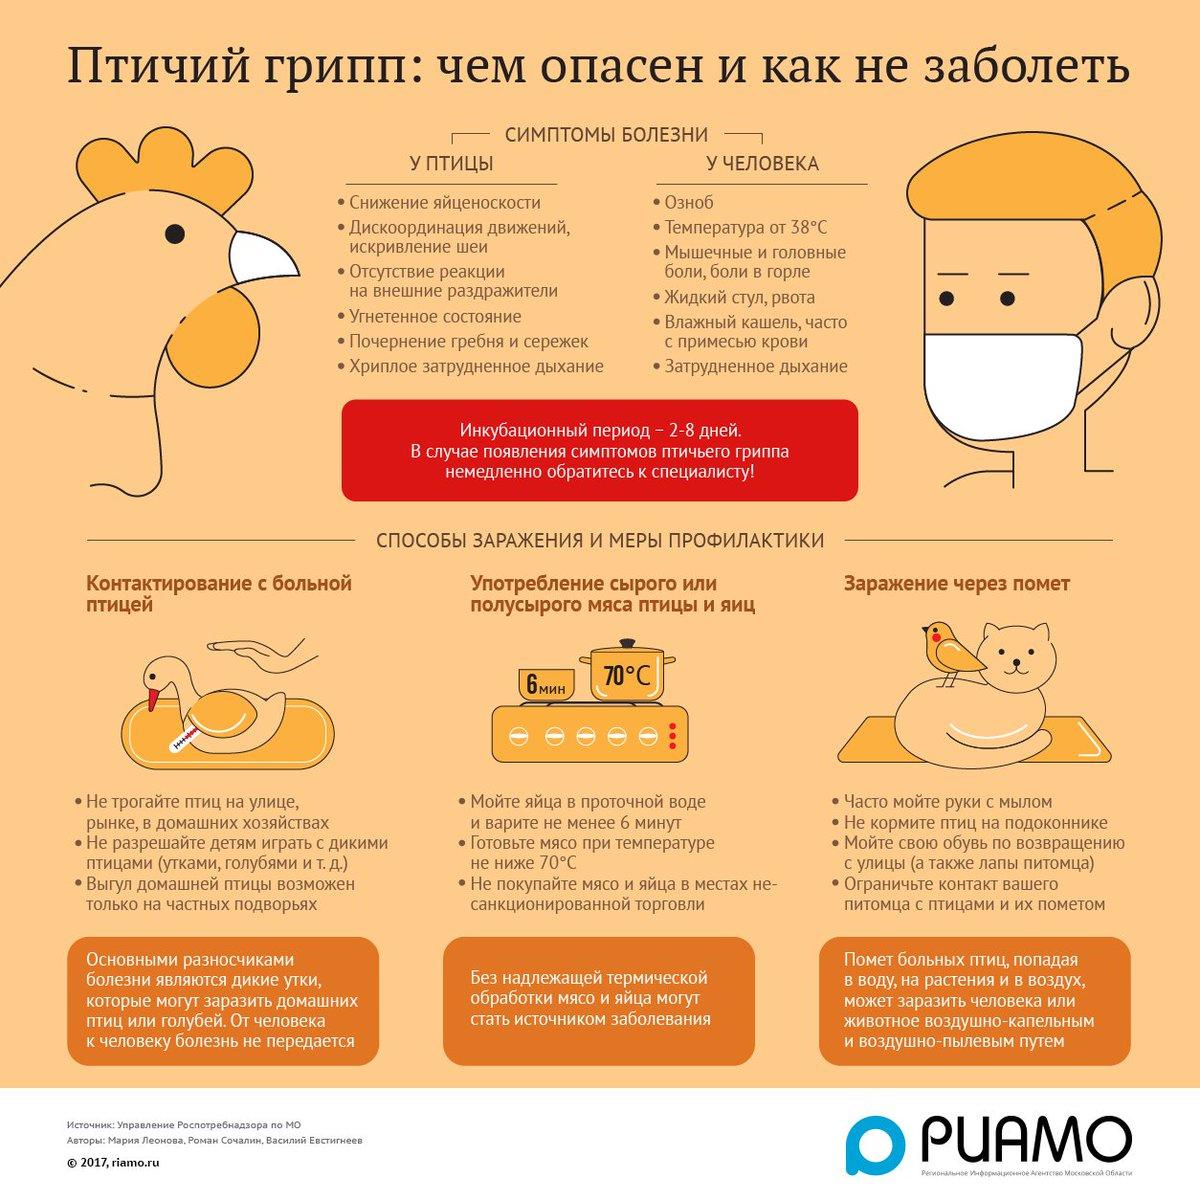 Профилактика гриппа и орви для детей памятка